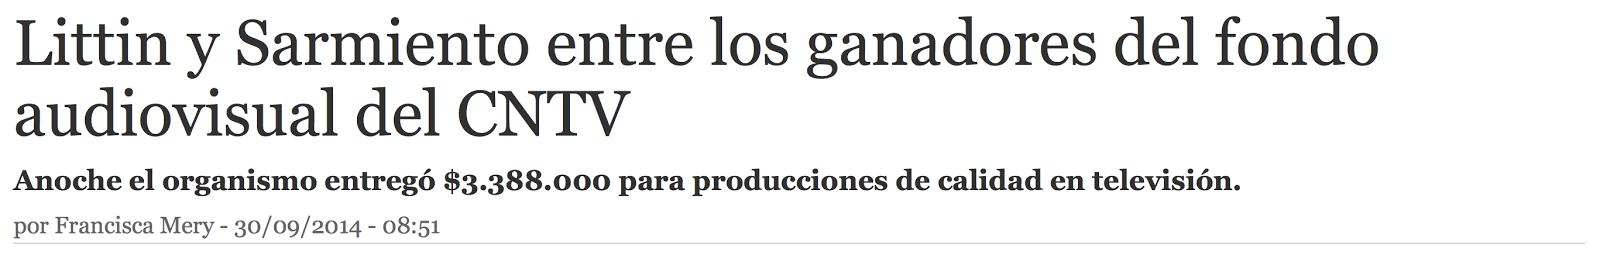 http://www.latercera.com/noticia/entretencion/2014/09/661-598045-9-littin-y-sarmiento-entre-los-ganadores-del-fondo-audiovisual-del-cntv.shtml